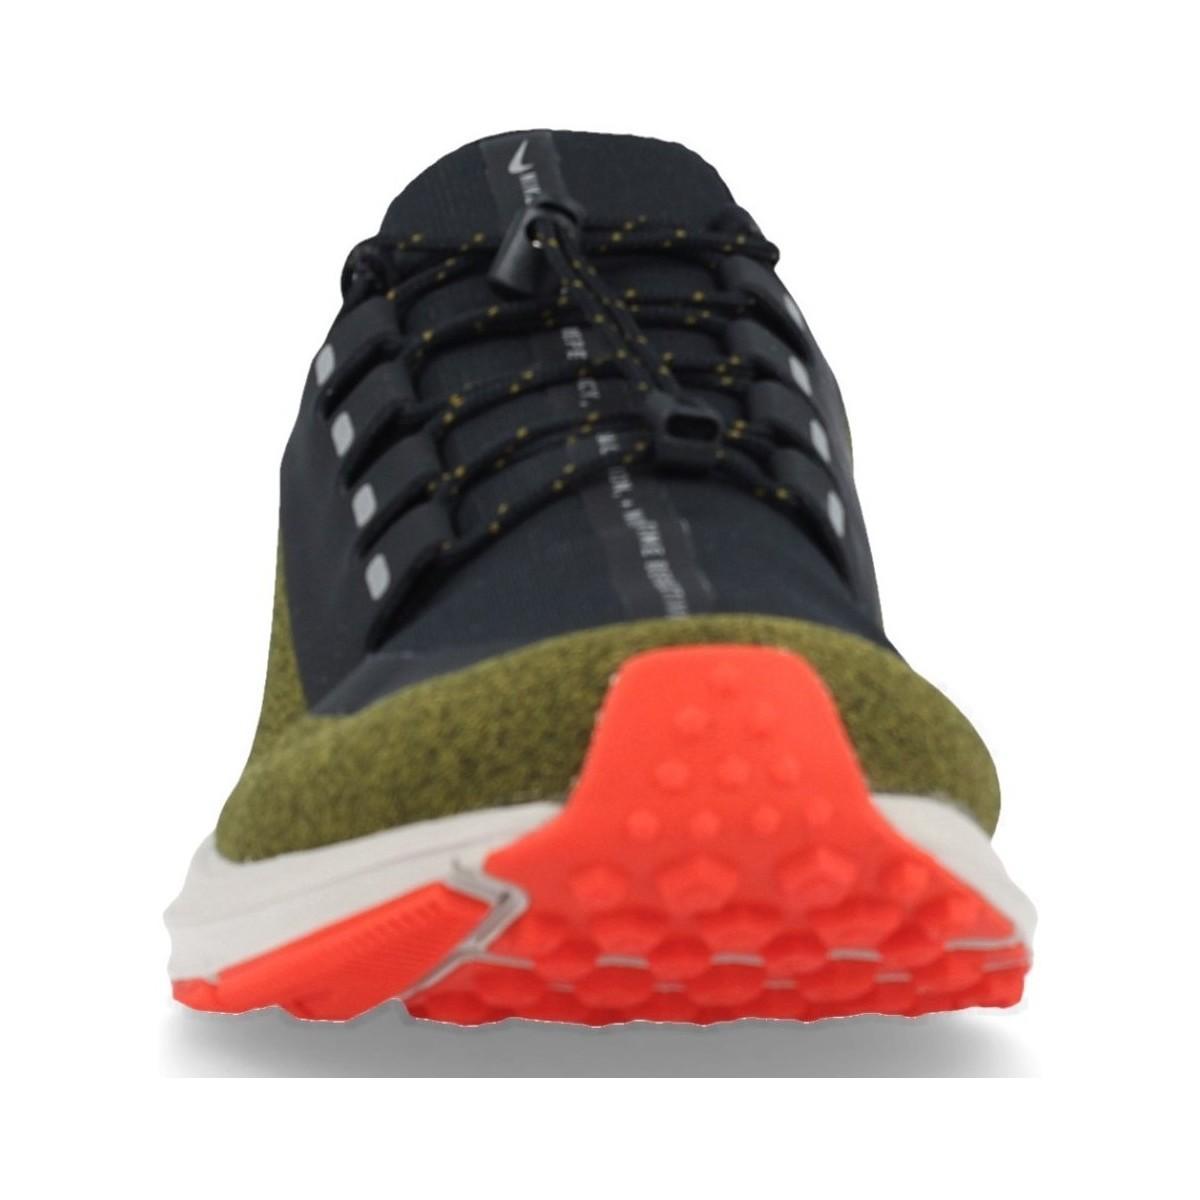 12d6681e6bf nike zoom winflo 5 run shield men s Nike Zoom Winflo 5 Run Shield A01572  Men s Sneakers